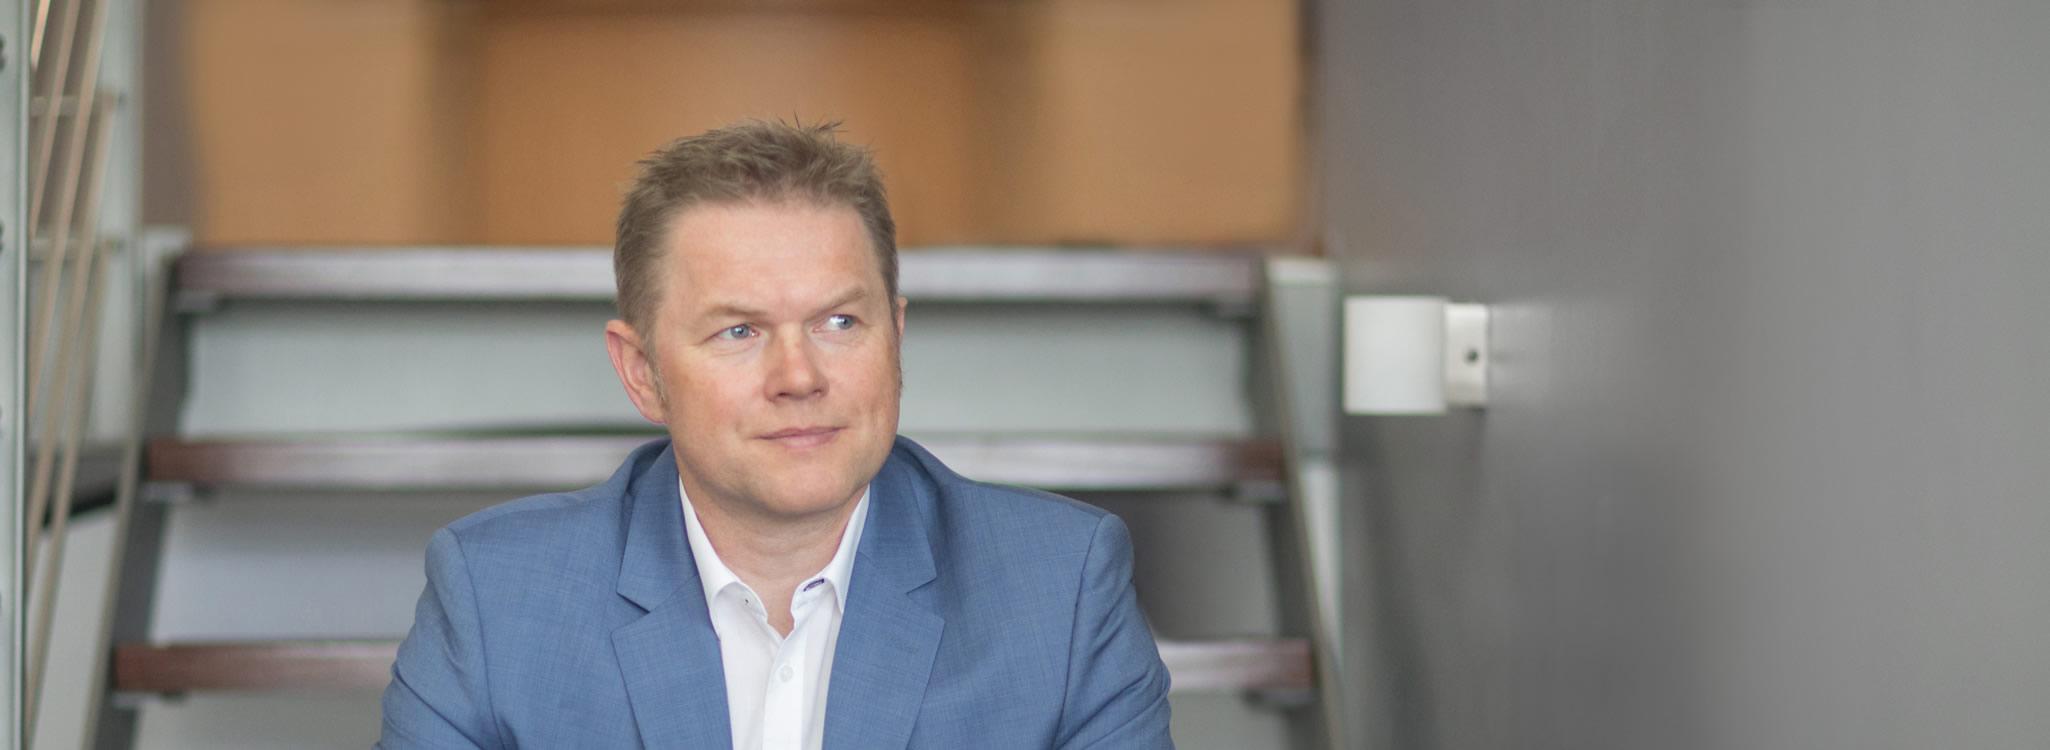 Markus Sack - Aktuelles